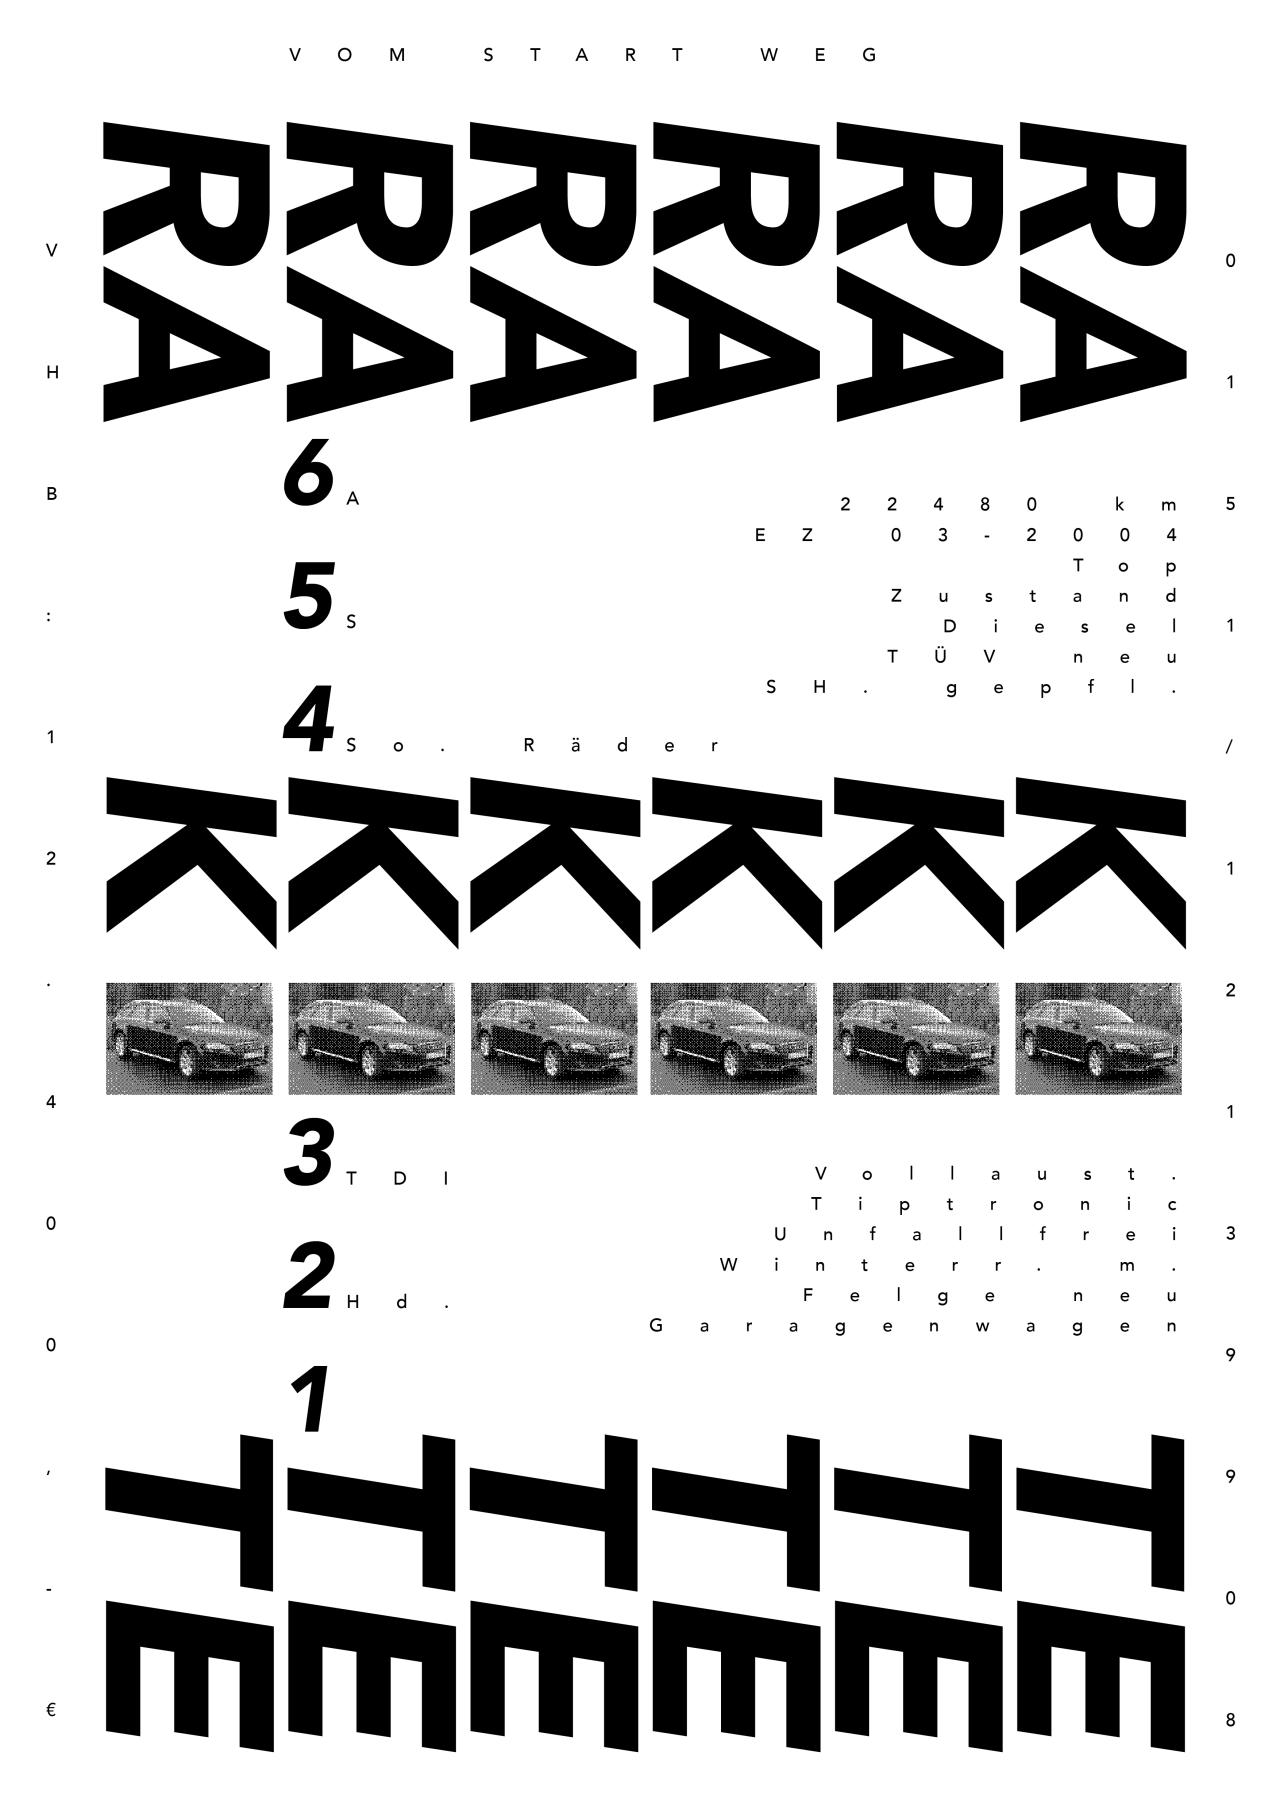 Sascia Reibel Grafik Sreibel At Hfg Karlsruhe De Typographic Poster Typography Poster Illustration Design